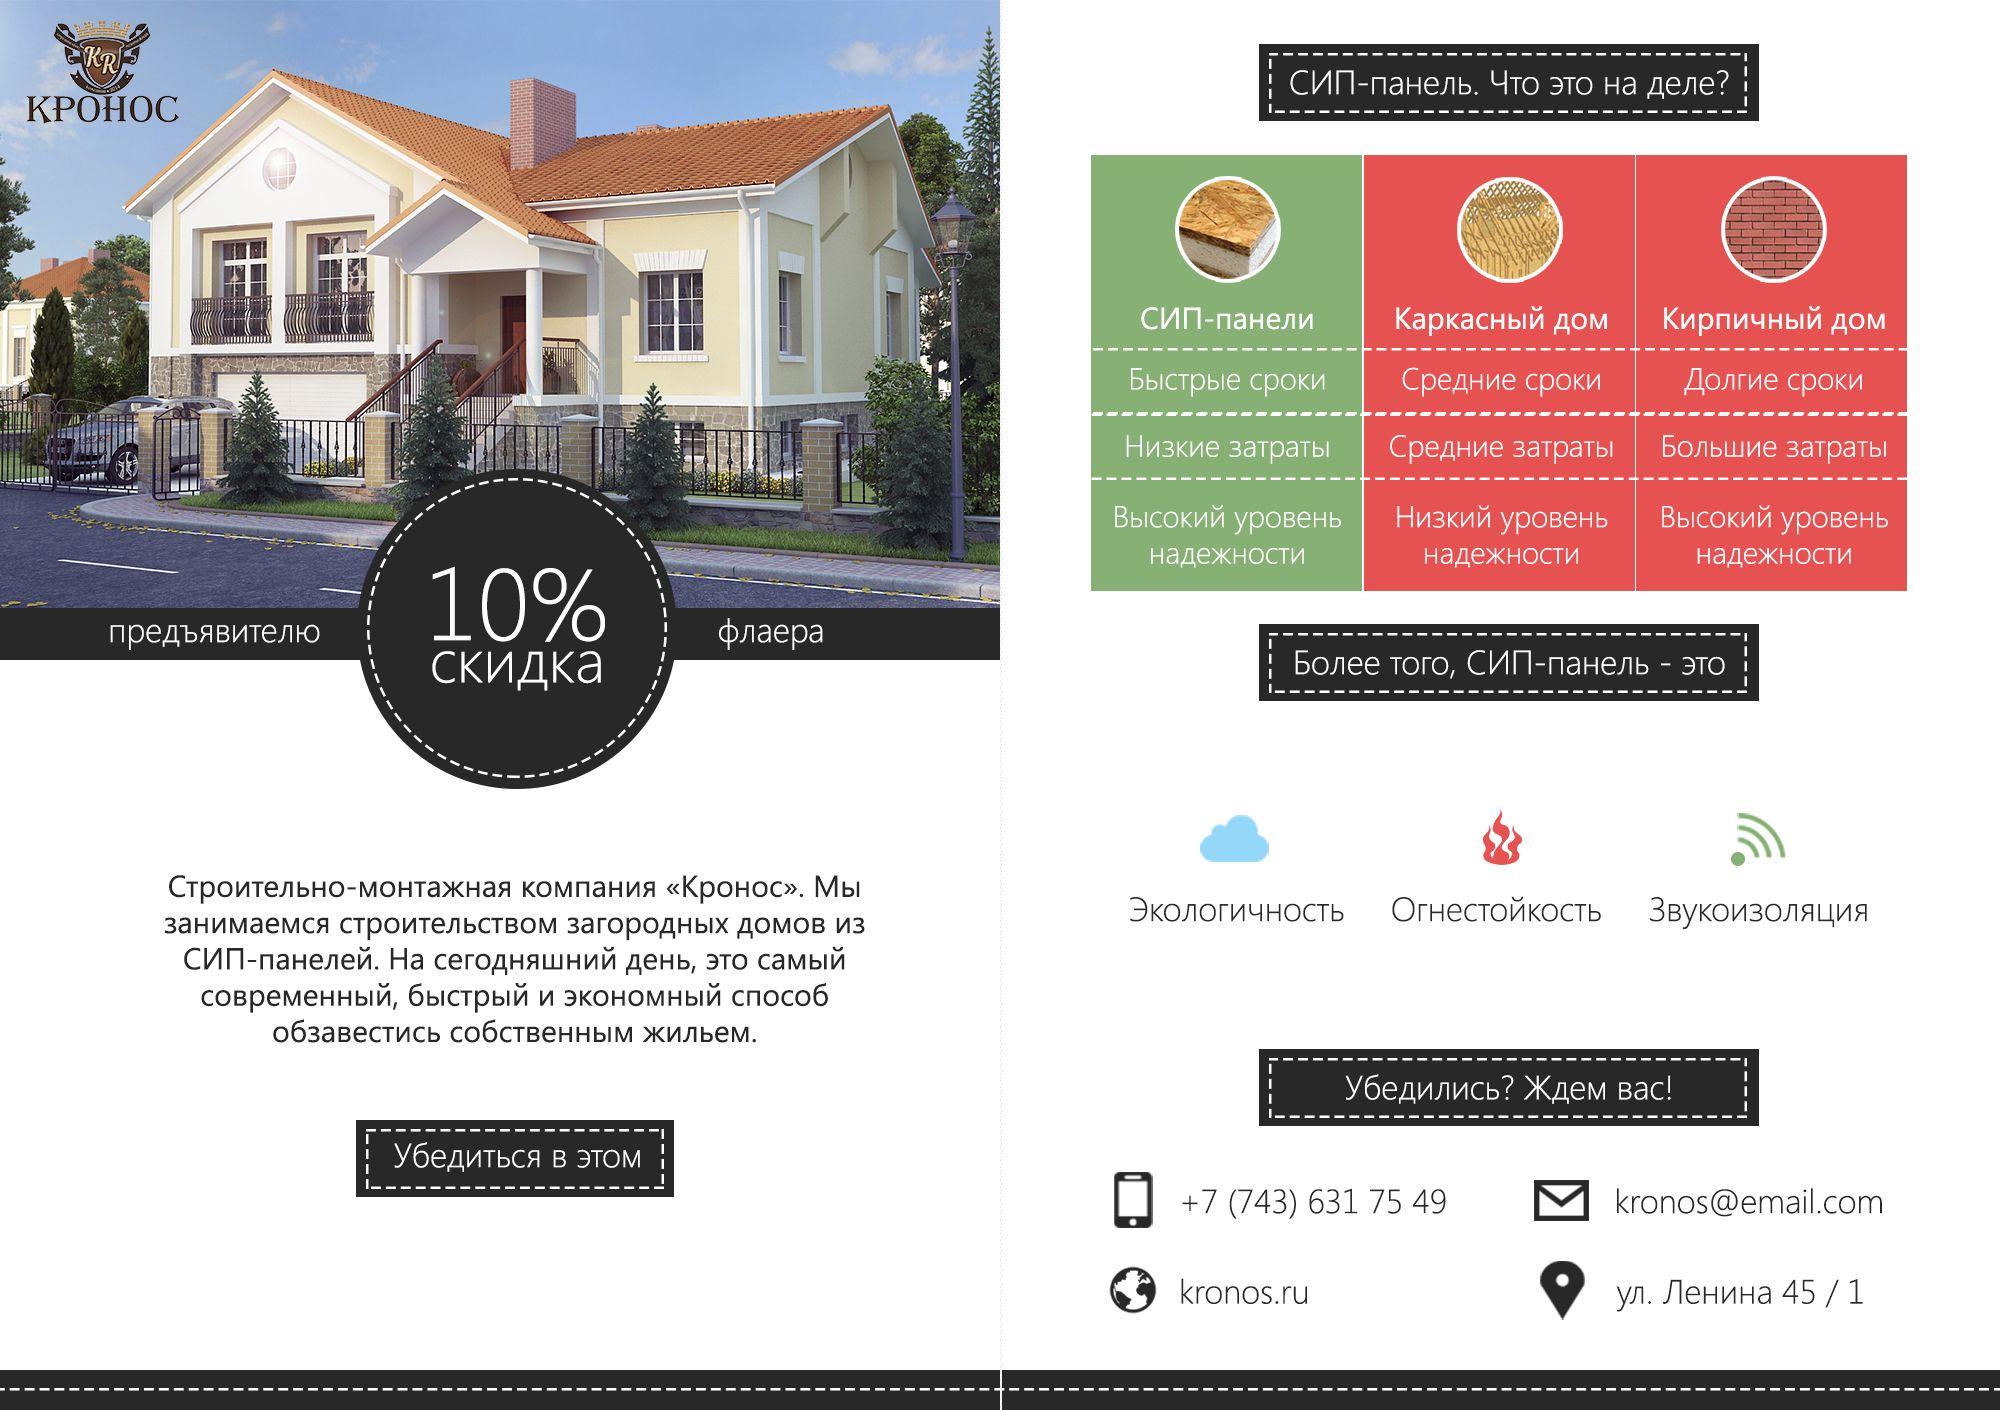 Дизайн листовки для рекламы строительной компании - дизайнер Skotchev